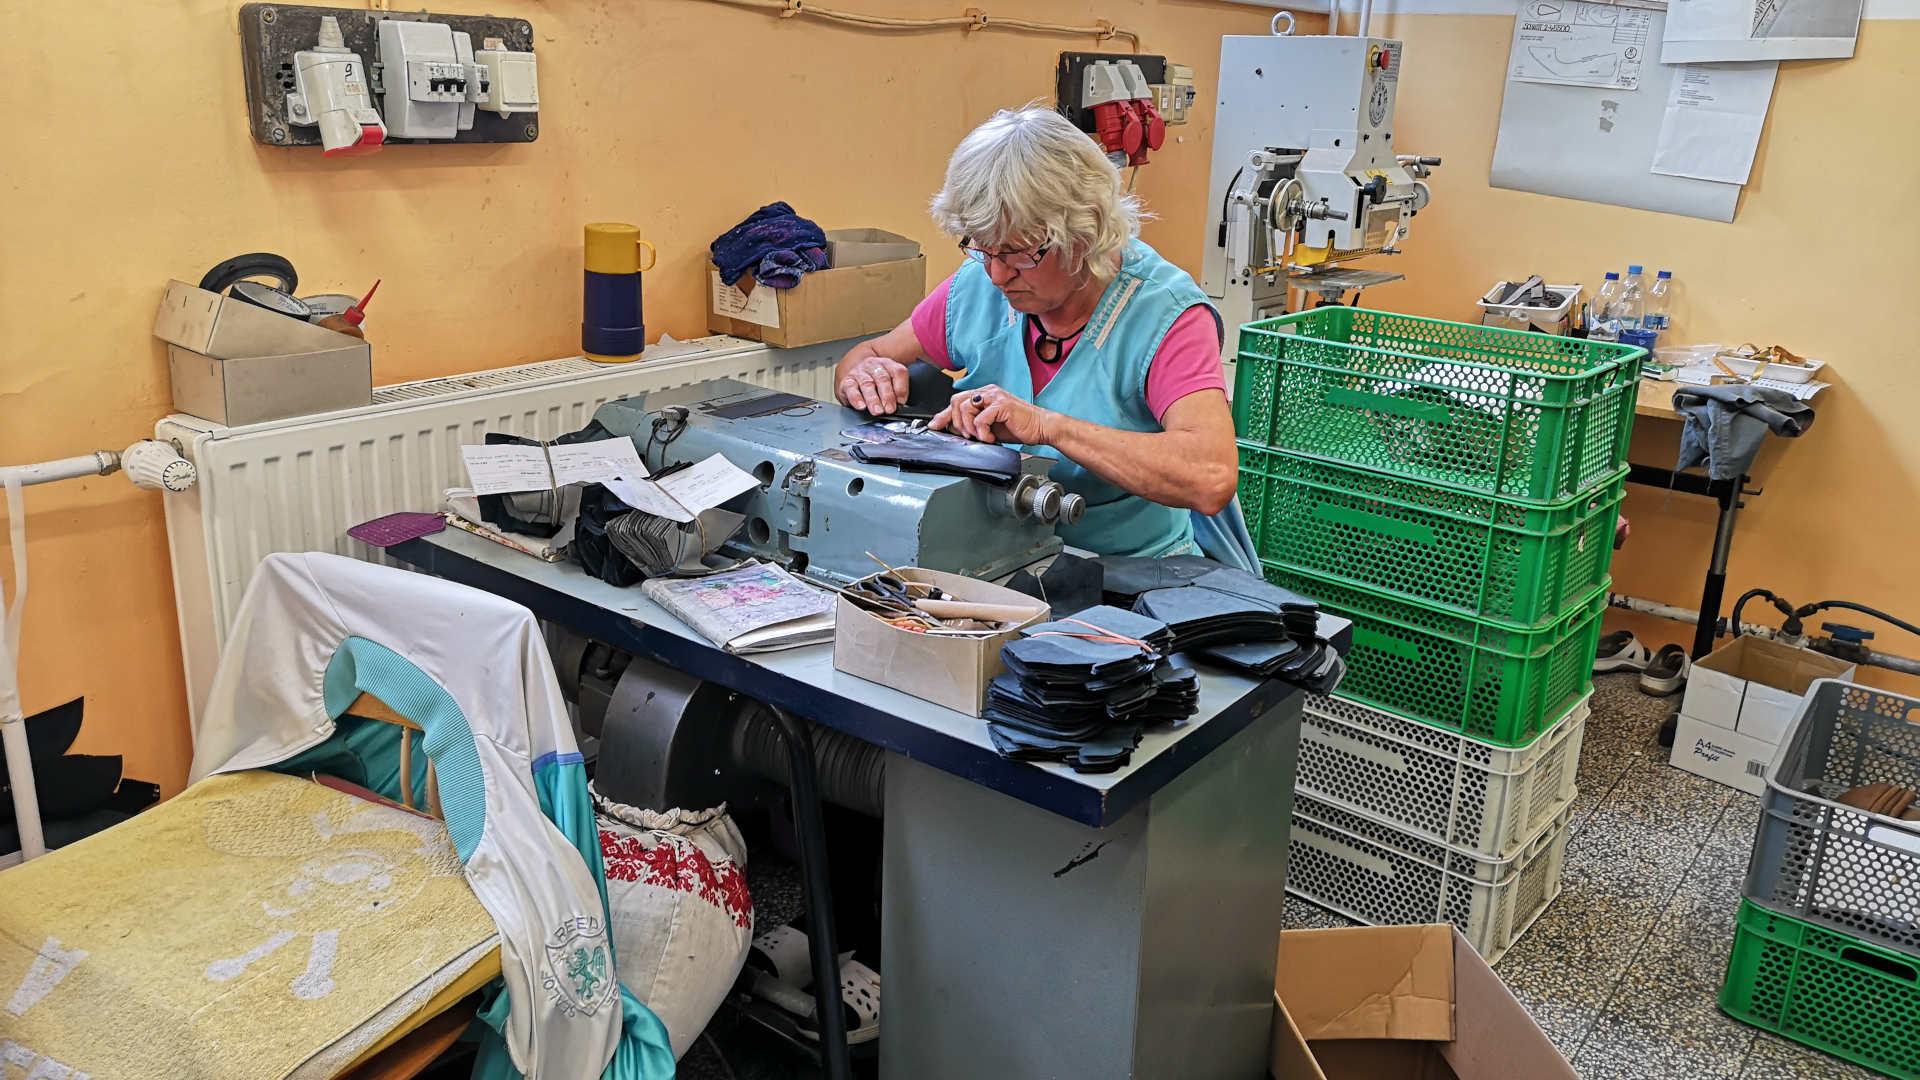 cipőfelsőrész specializáció, cipőfelsőrész gyártás, női cipőfelsőrész